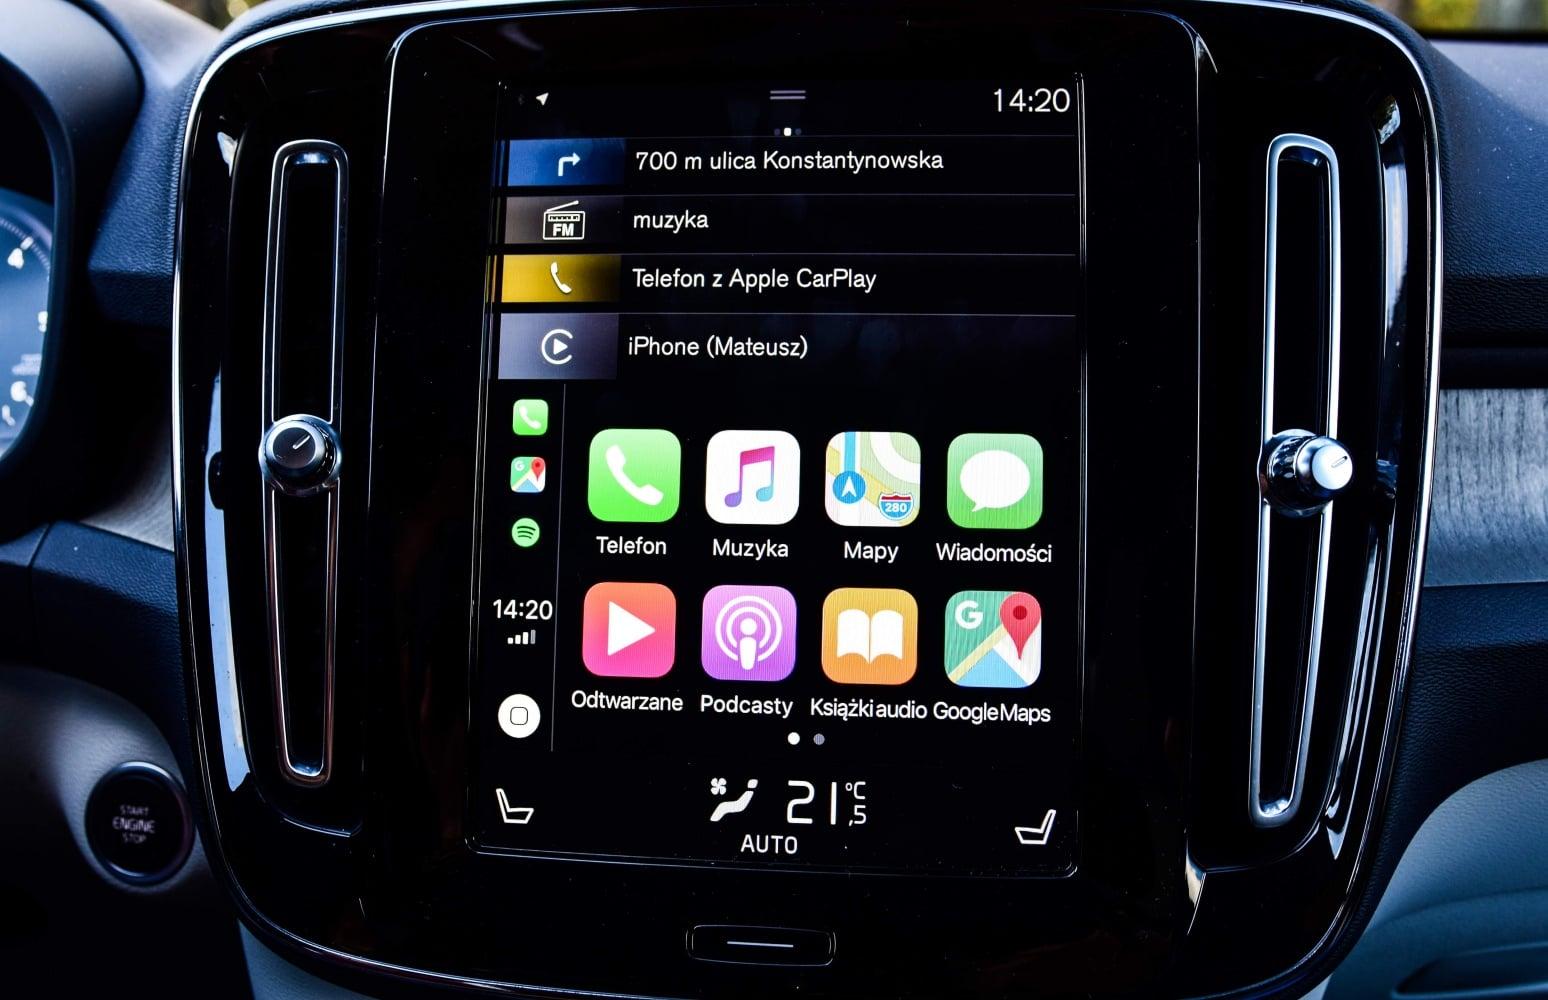 NaviExpert z długo wyczekiwaną funkcją. Nawigacja dostała obsługę Apple CarPlay 22